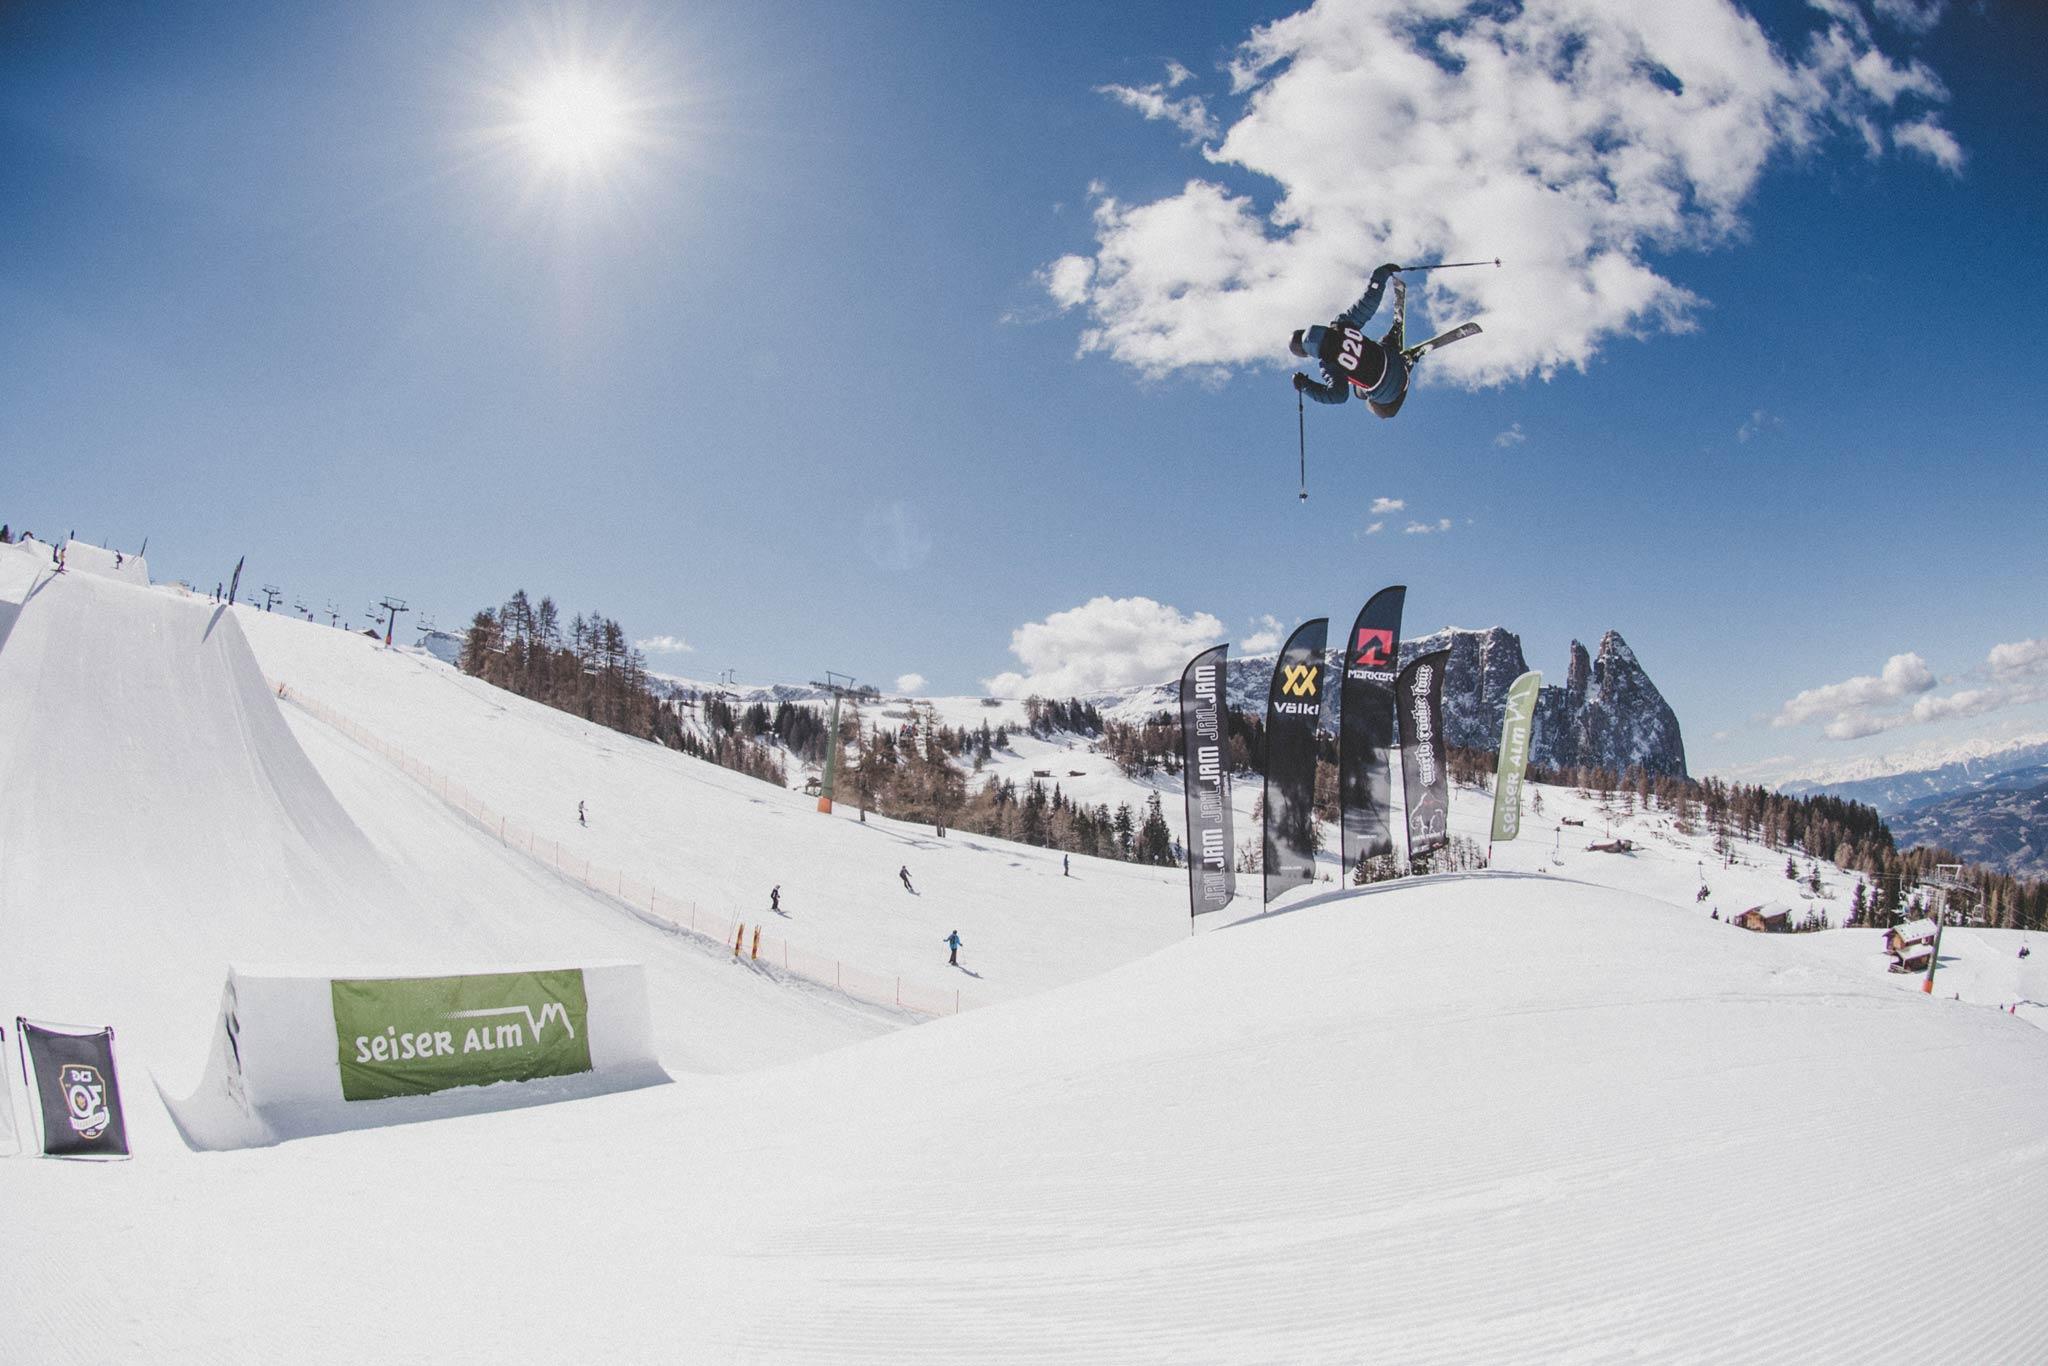 Die jungen Freeskier boten im Rahmen der Freeski World Rookie Tour eine ansehnliche Show beim Finale im Snowpark auf der Seiser Alm - Foto: Ania Grzelka